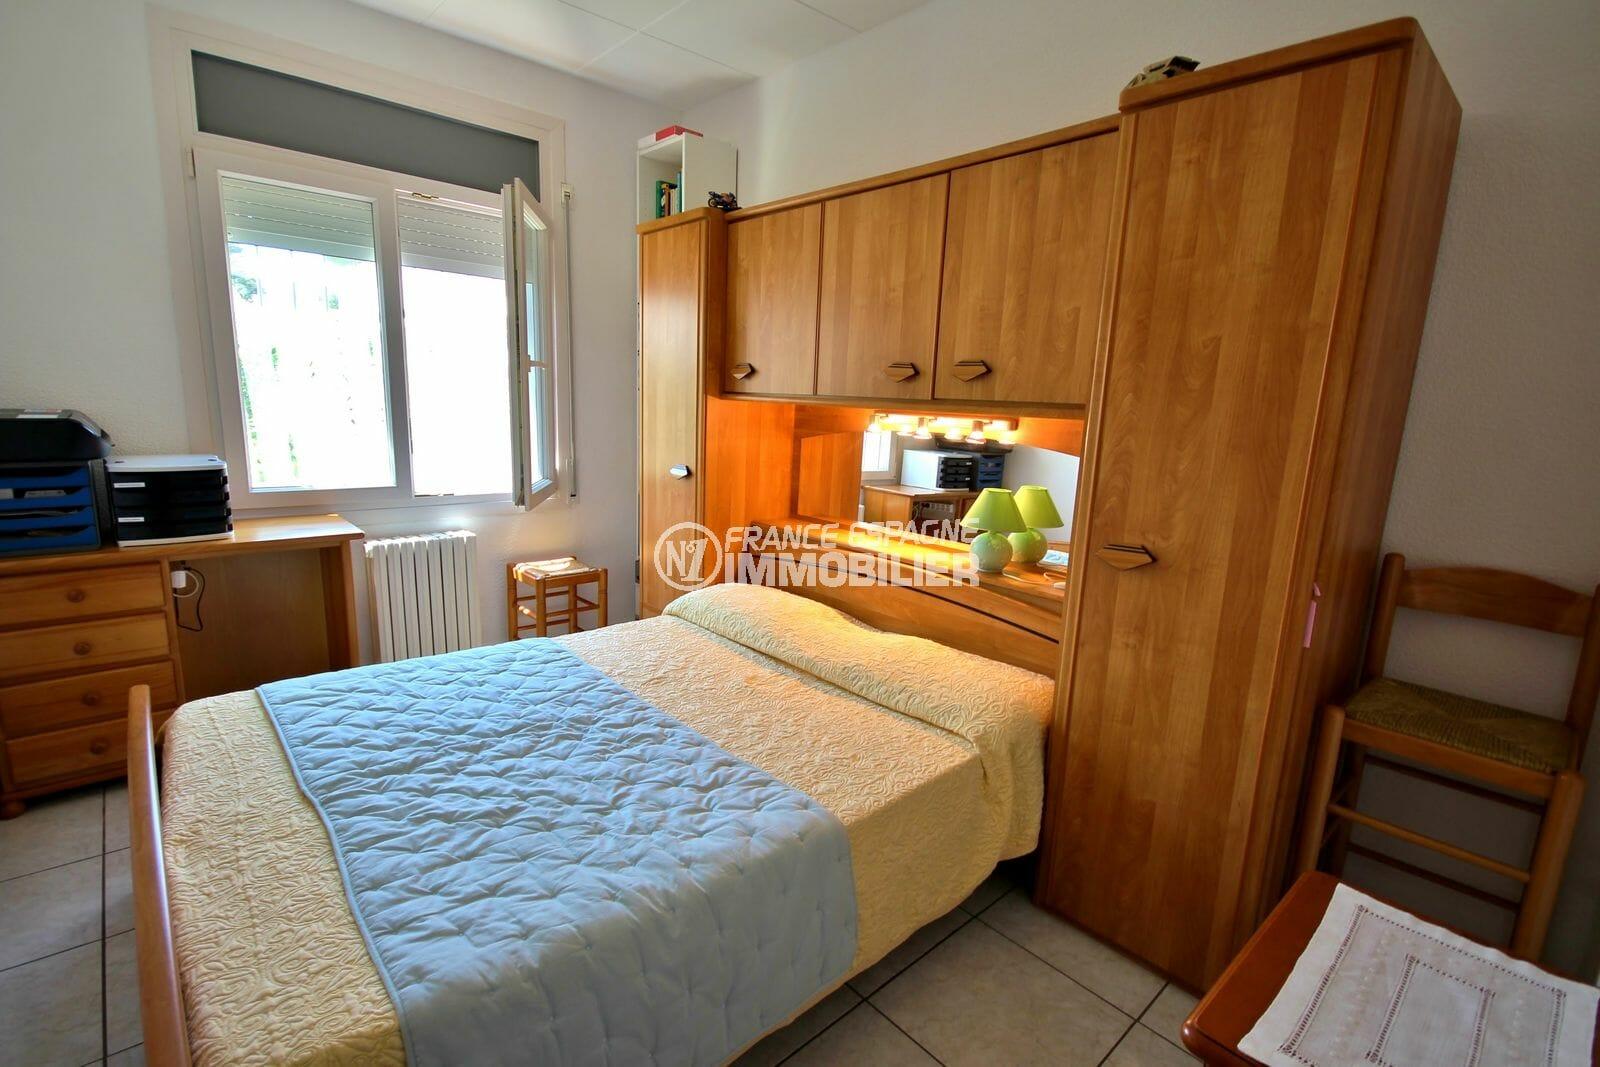 maison à vendre empuriabrava, garage, deuxième chambre avec lit double et rangements